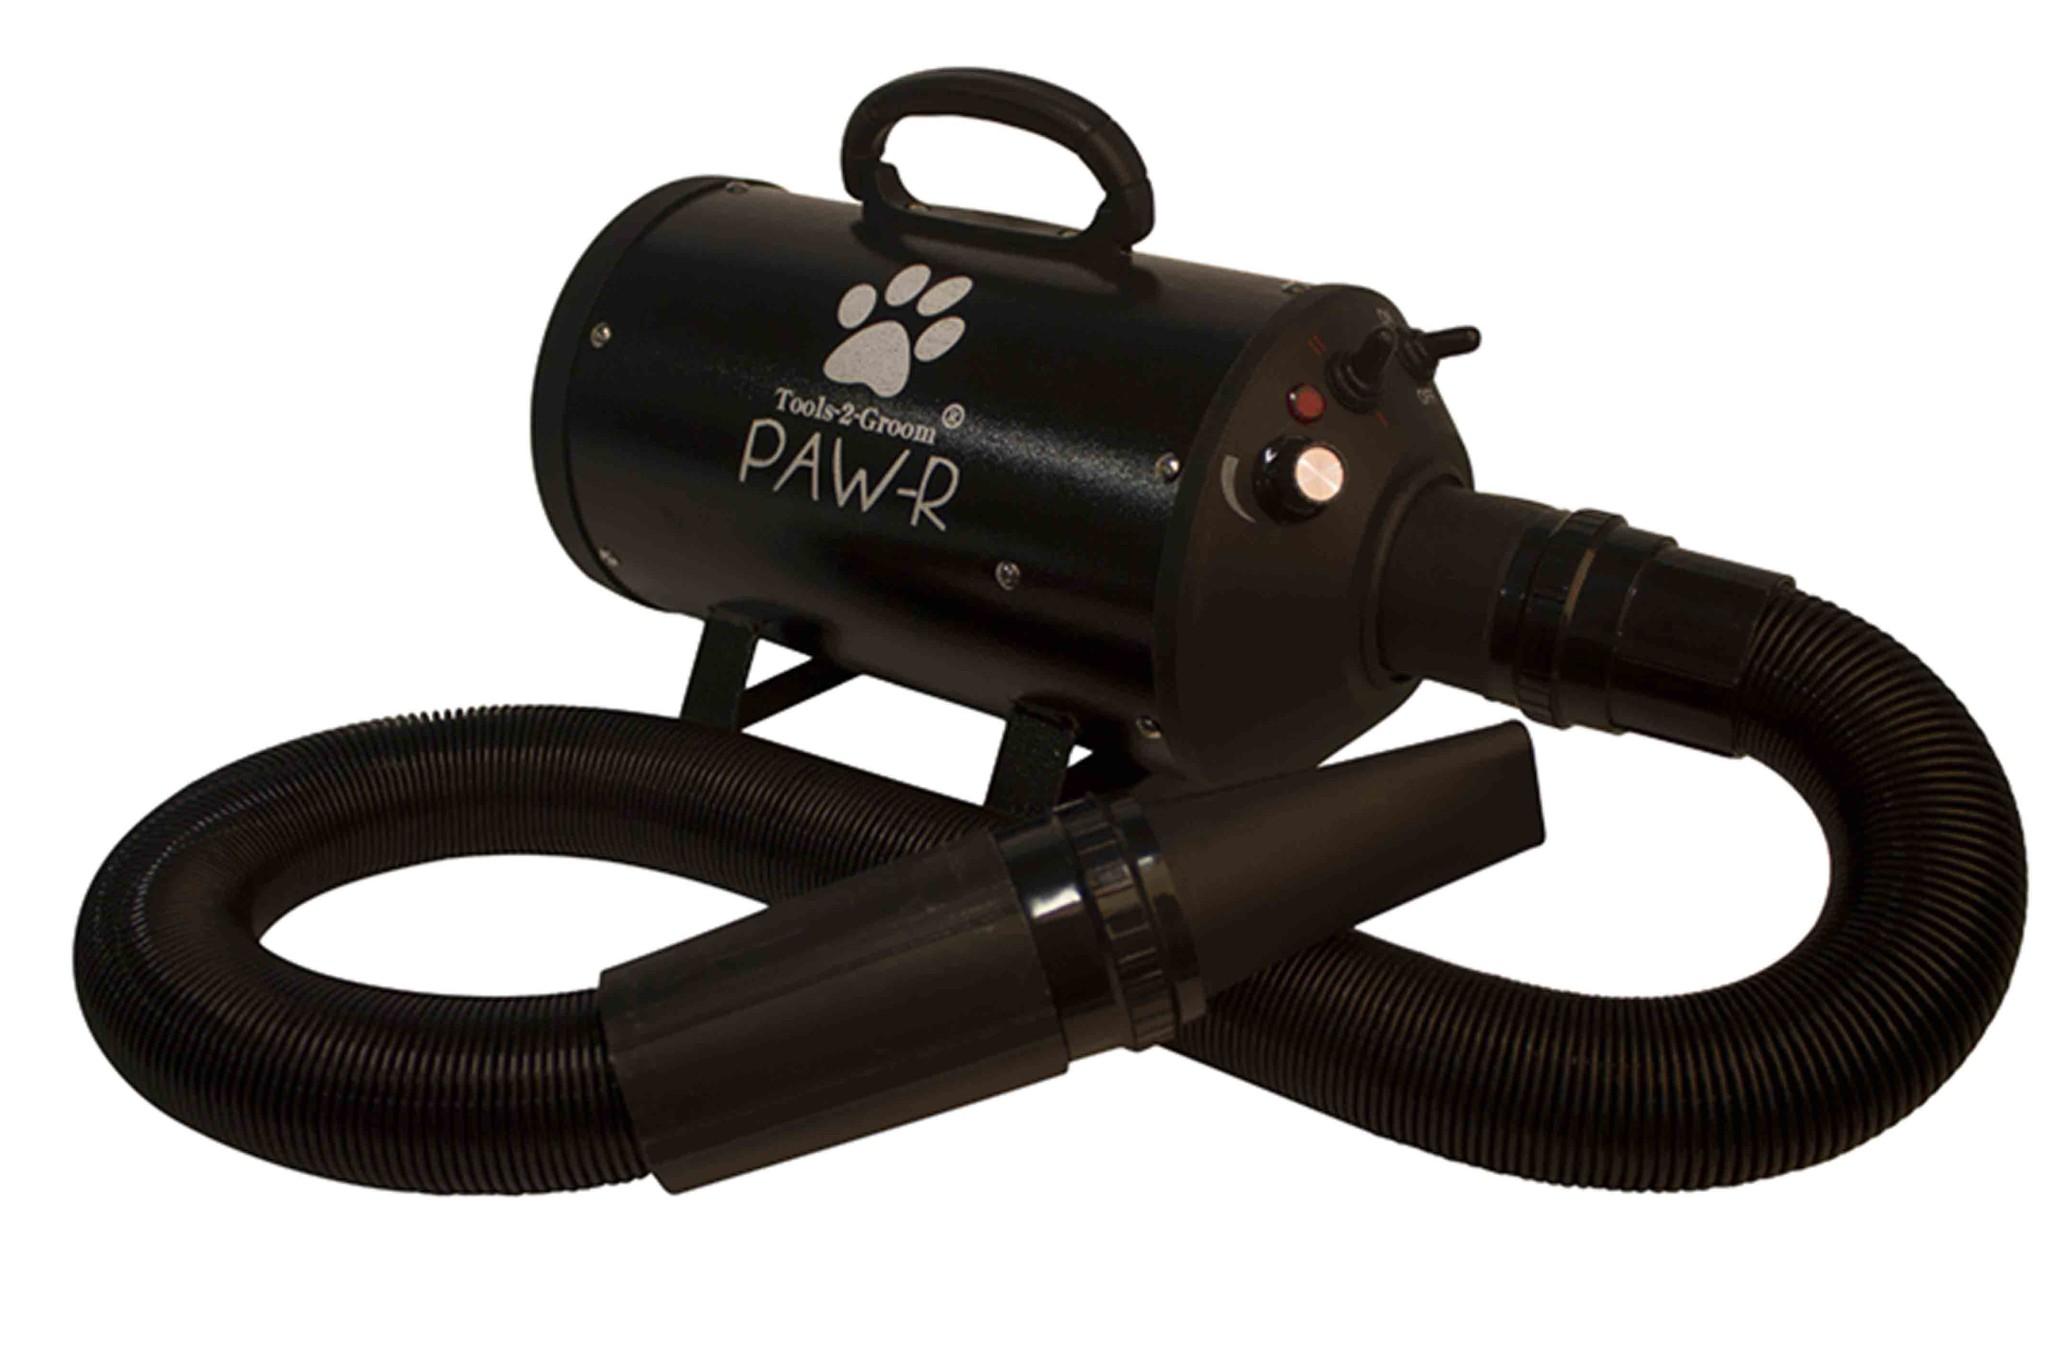 Waterblazer-tools-2-groom-paw-r-zwart